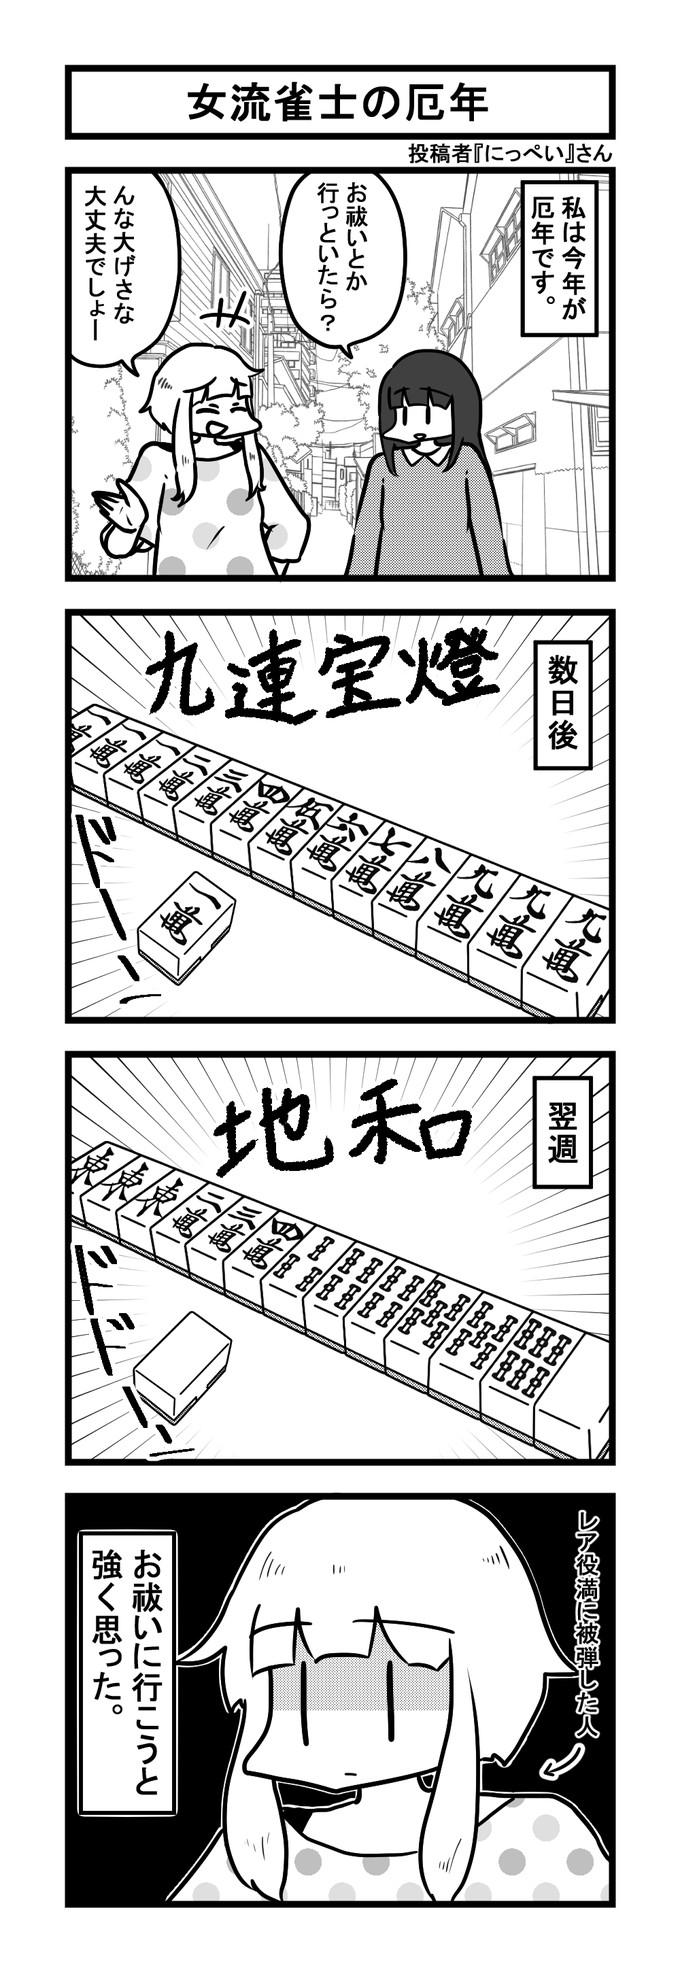 1034女流雀士投稿ちゃんの厄年-min